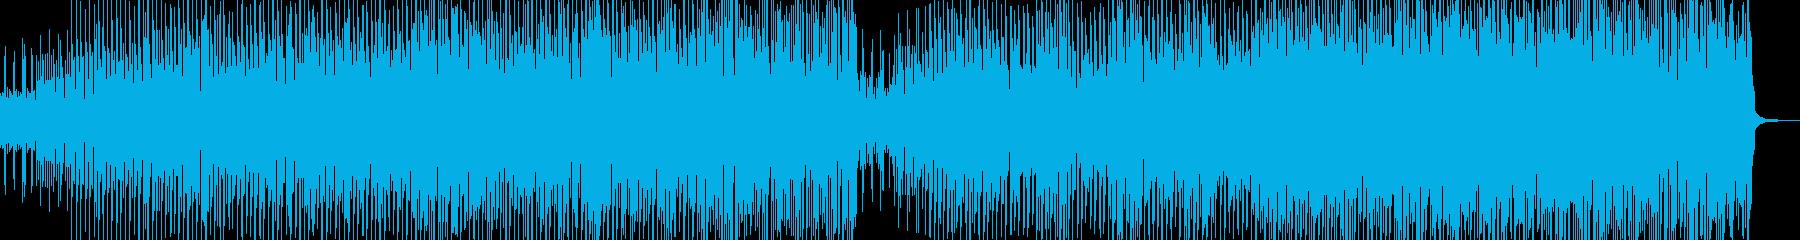 踊るメロディ・お祭り騒ぎなジャズ Aの再生済みの波形